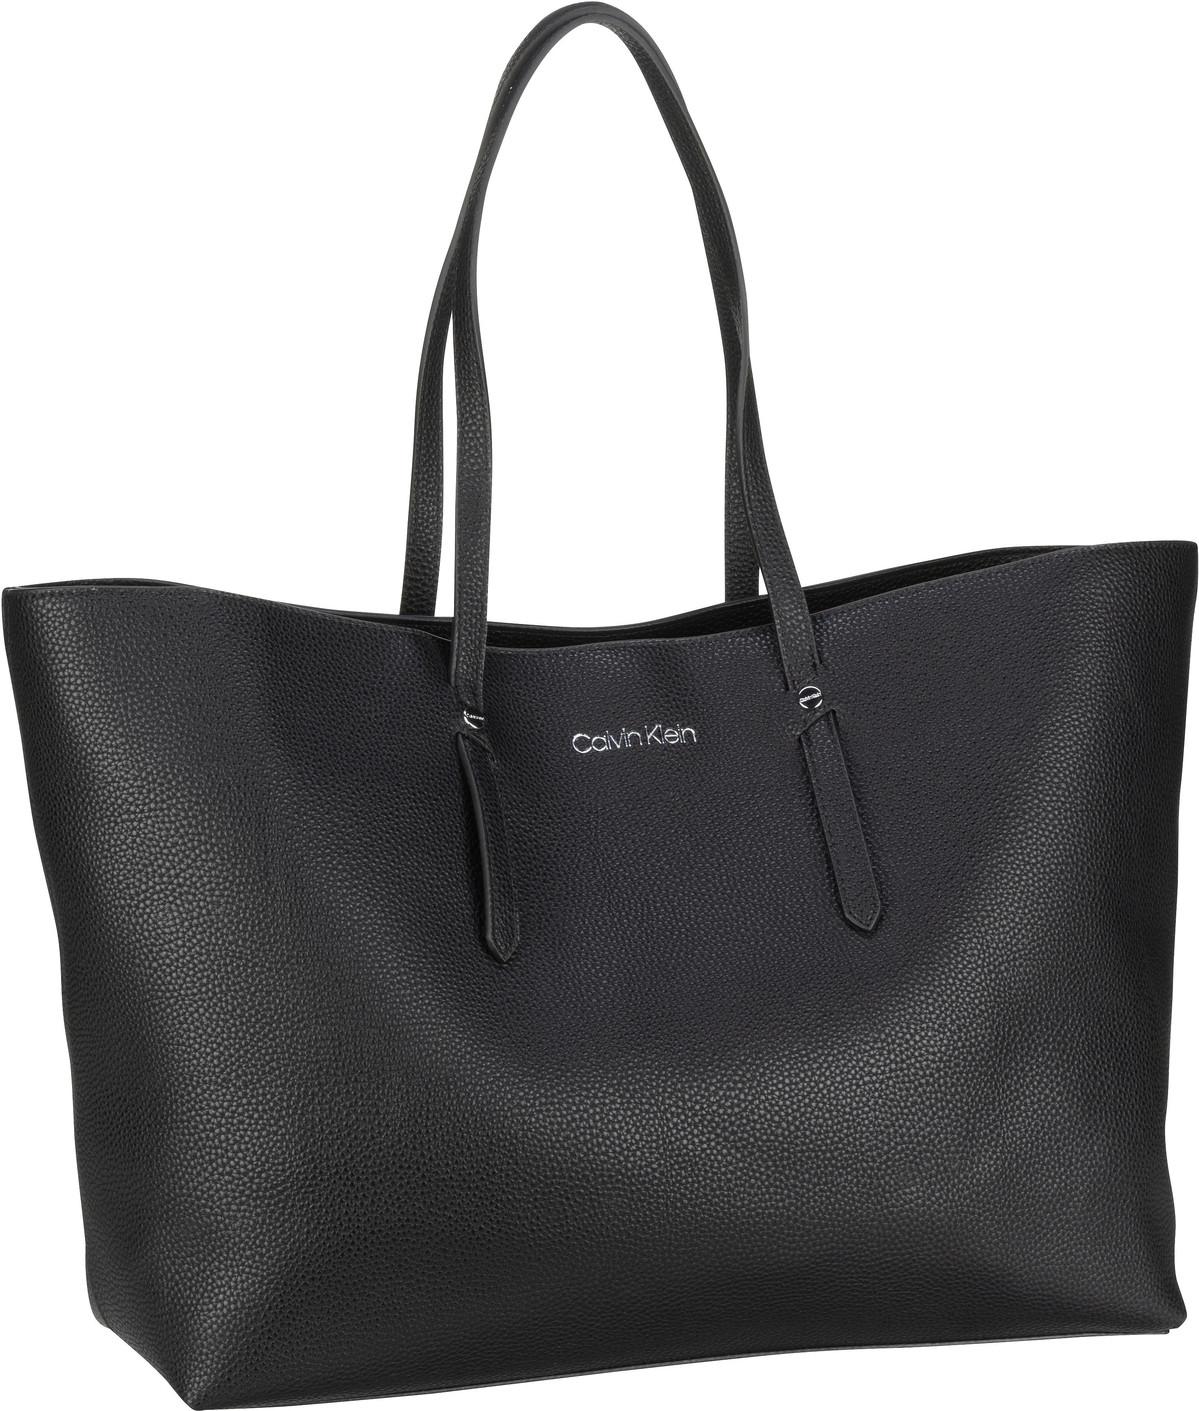 Handtasche CK Everyday EW Shopper Open LG PF20 Black